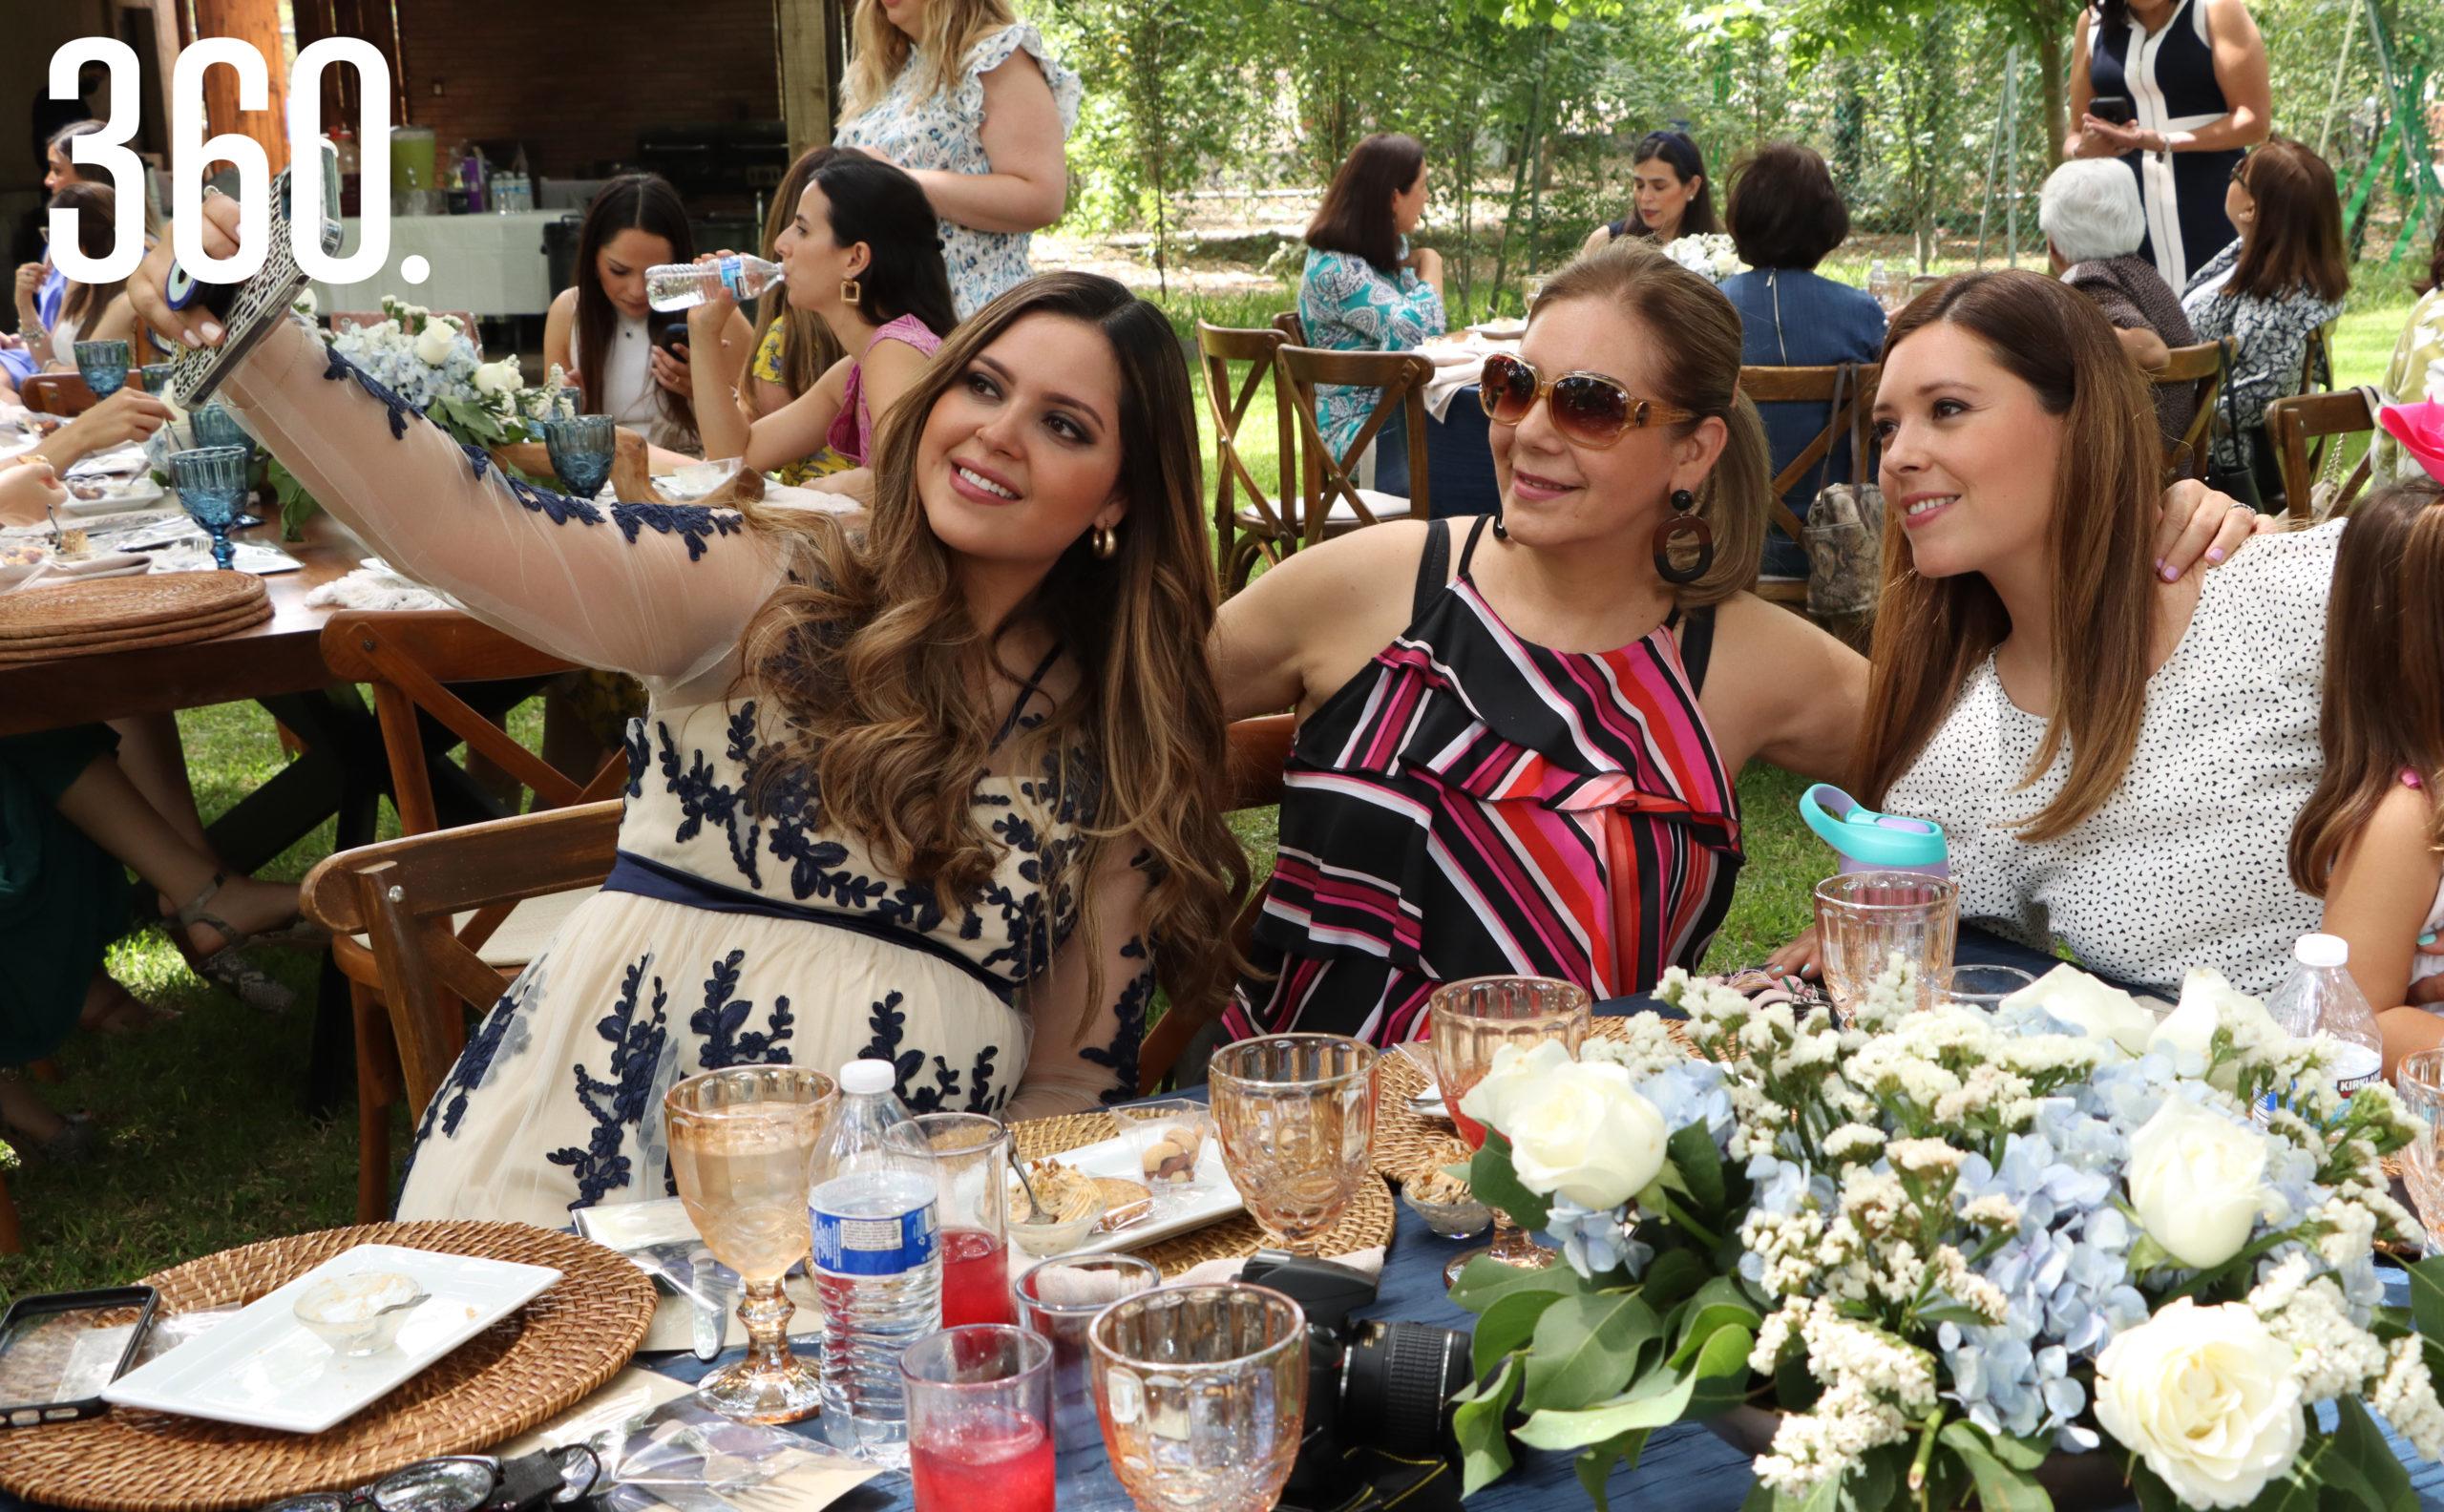 Gaby Gómez, Micaela de Rodríguez y Vanessa Gómez.